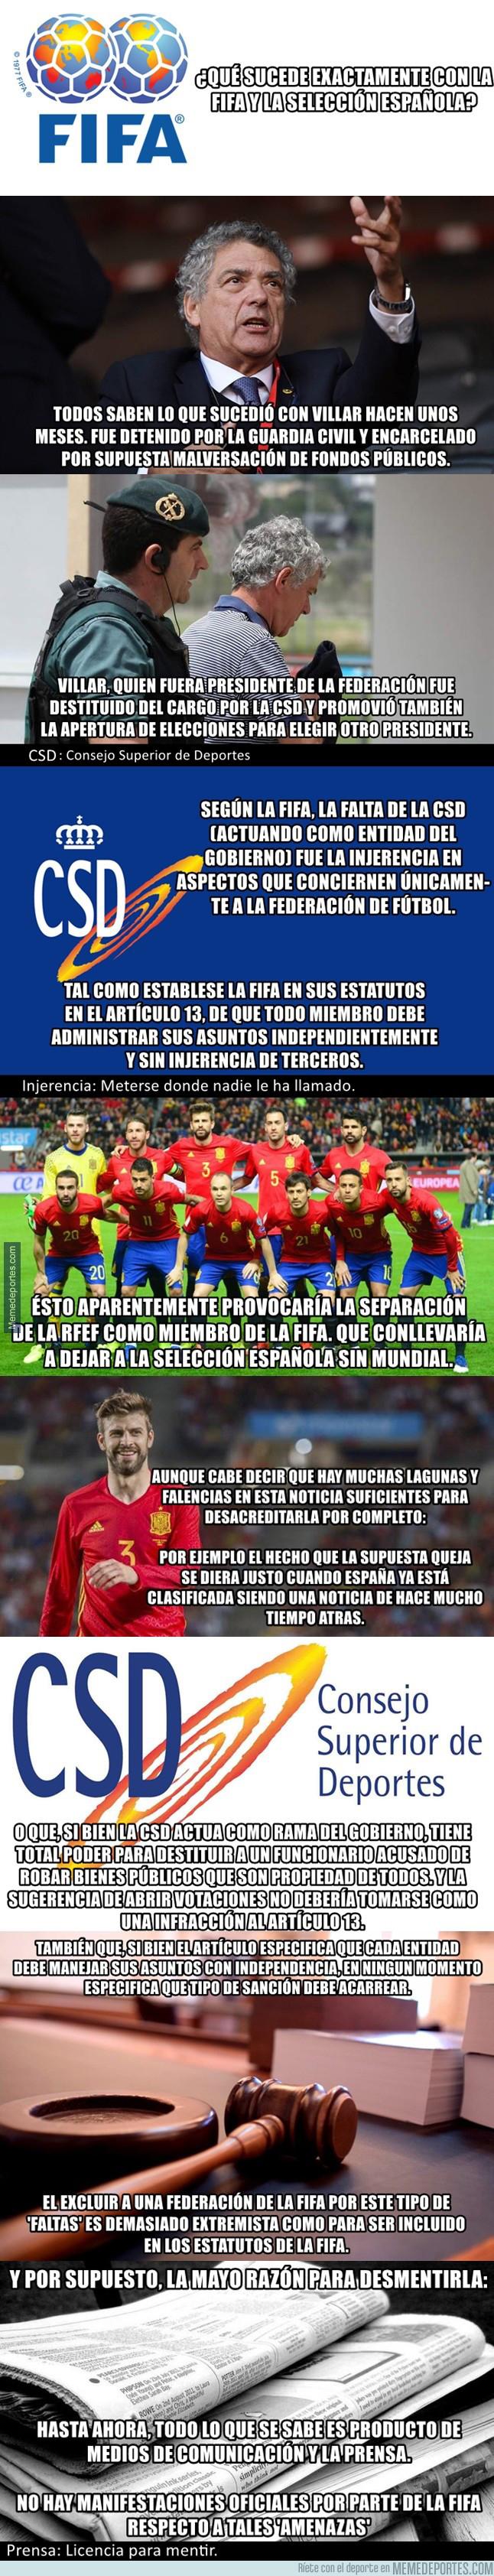 1012125 - Breve explicación de lo que 'sucede' entre la FIFA y la selección española